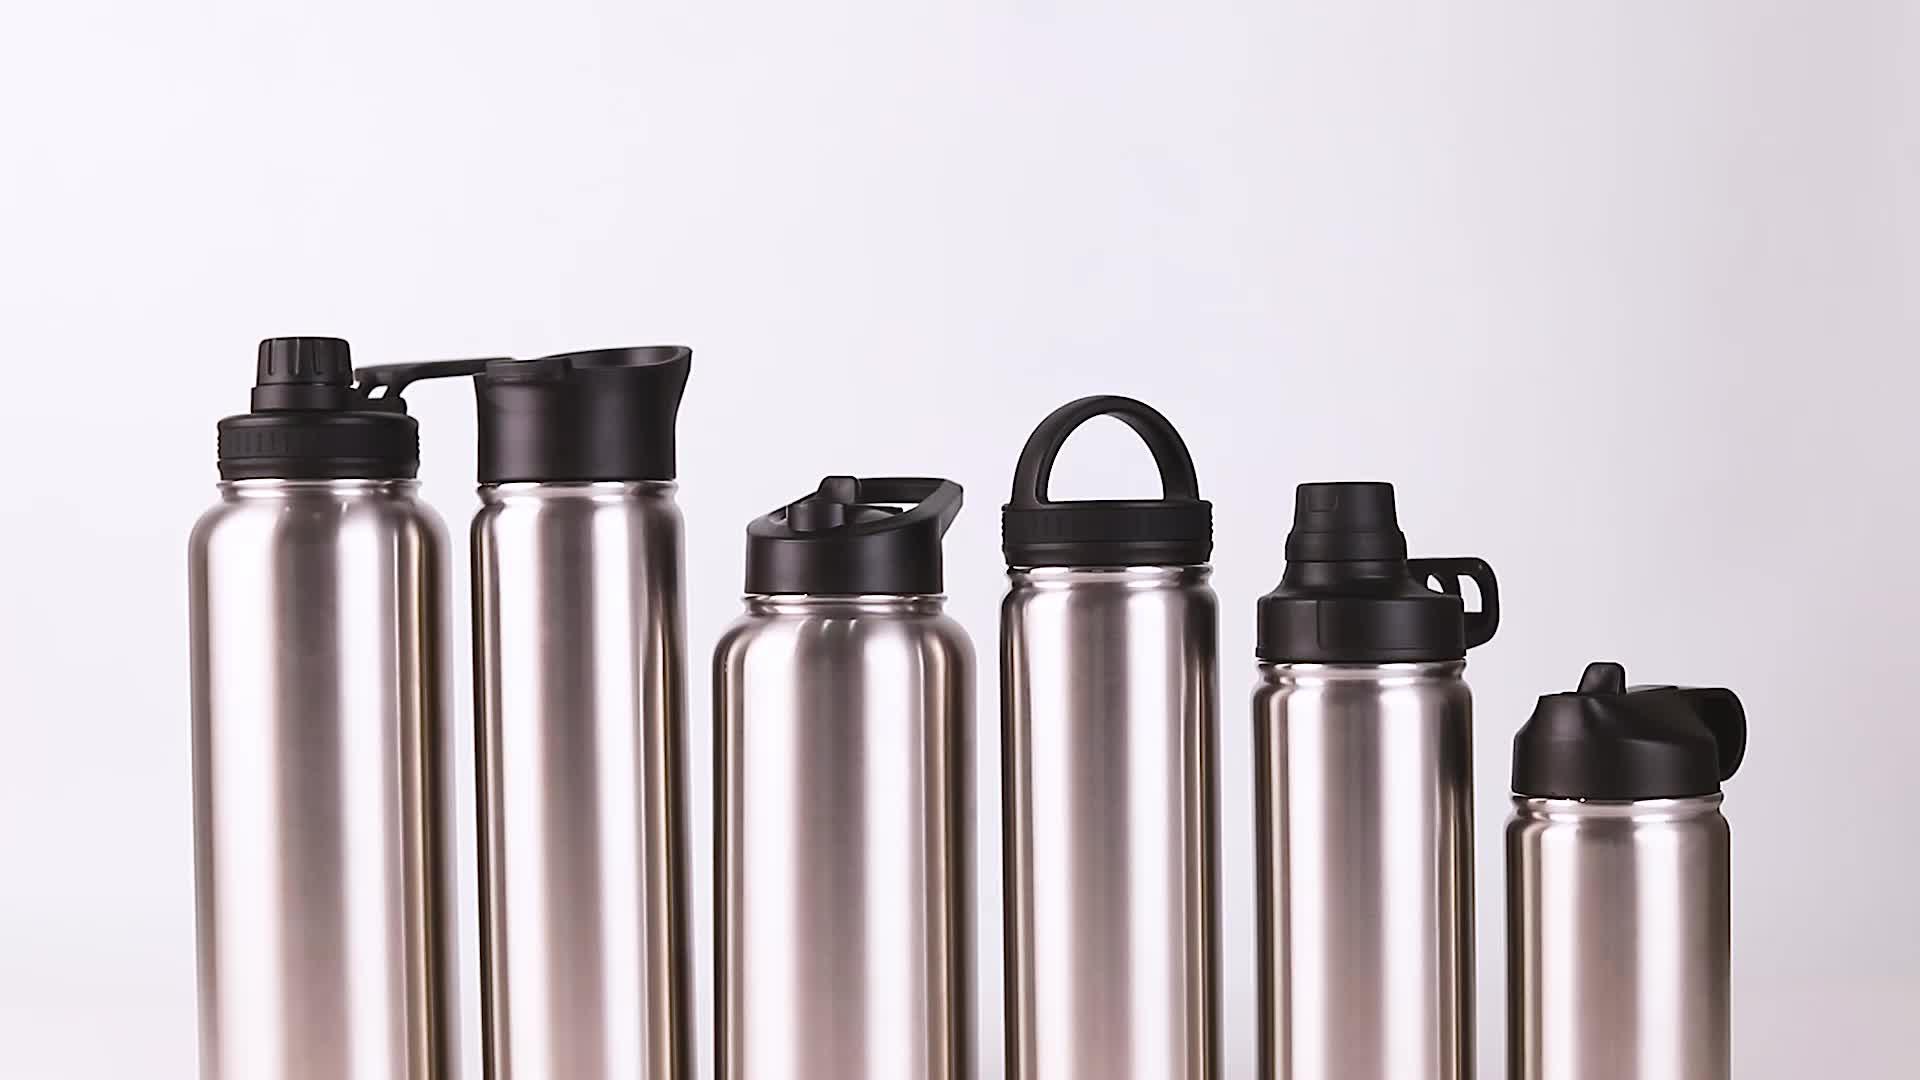 350ml 550ml 650ml 750ml 950ml 1200ml bpa libero di bocca piccola in acciaio inox 18/8 boccetta bottiglia di acqua potabile con tappo a vite